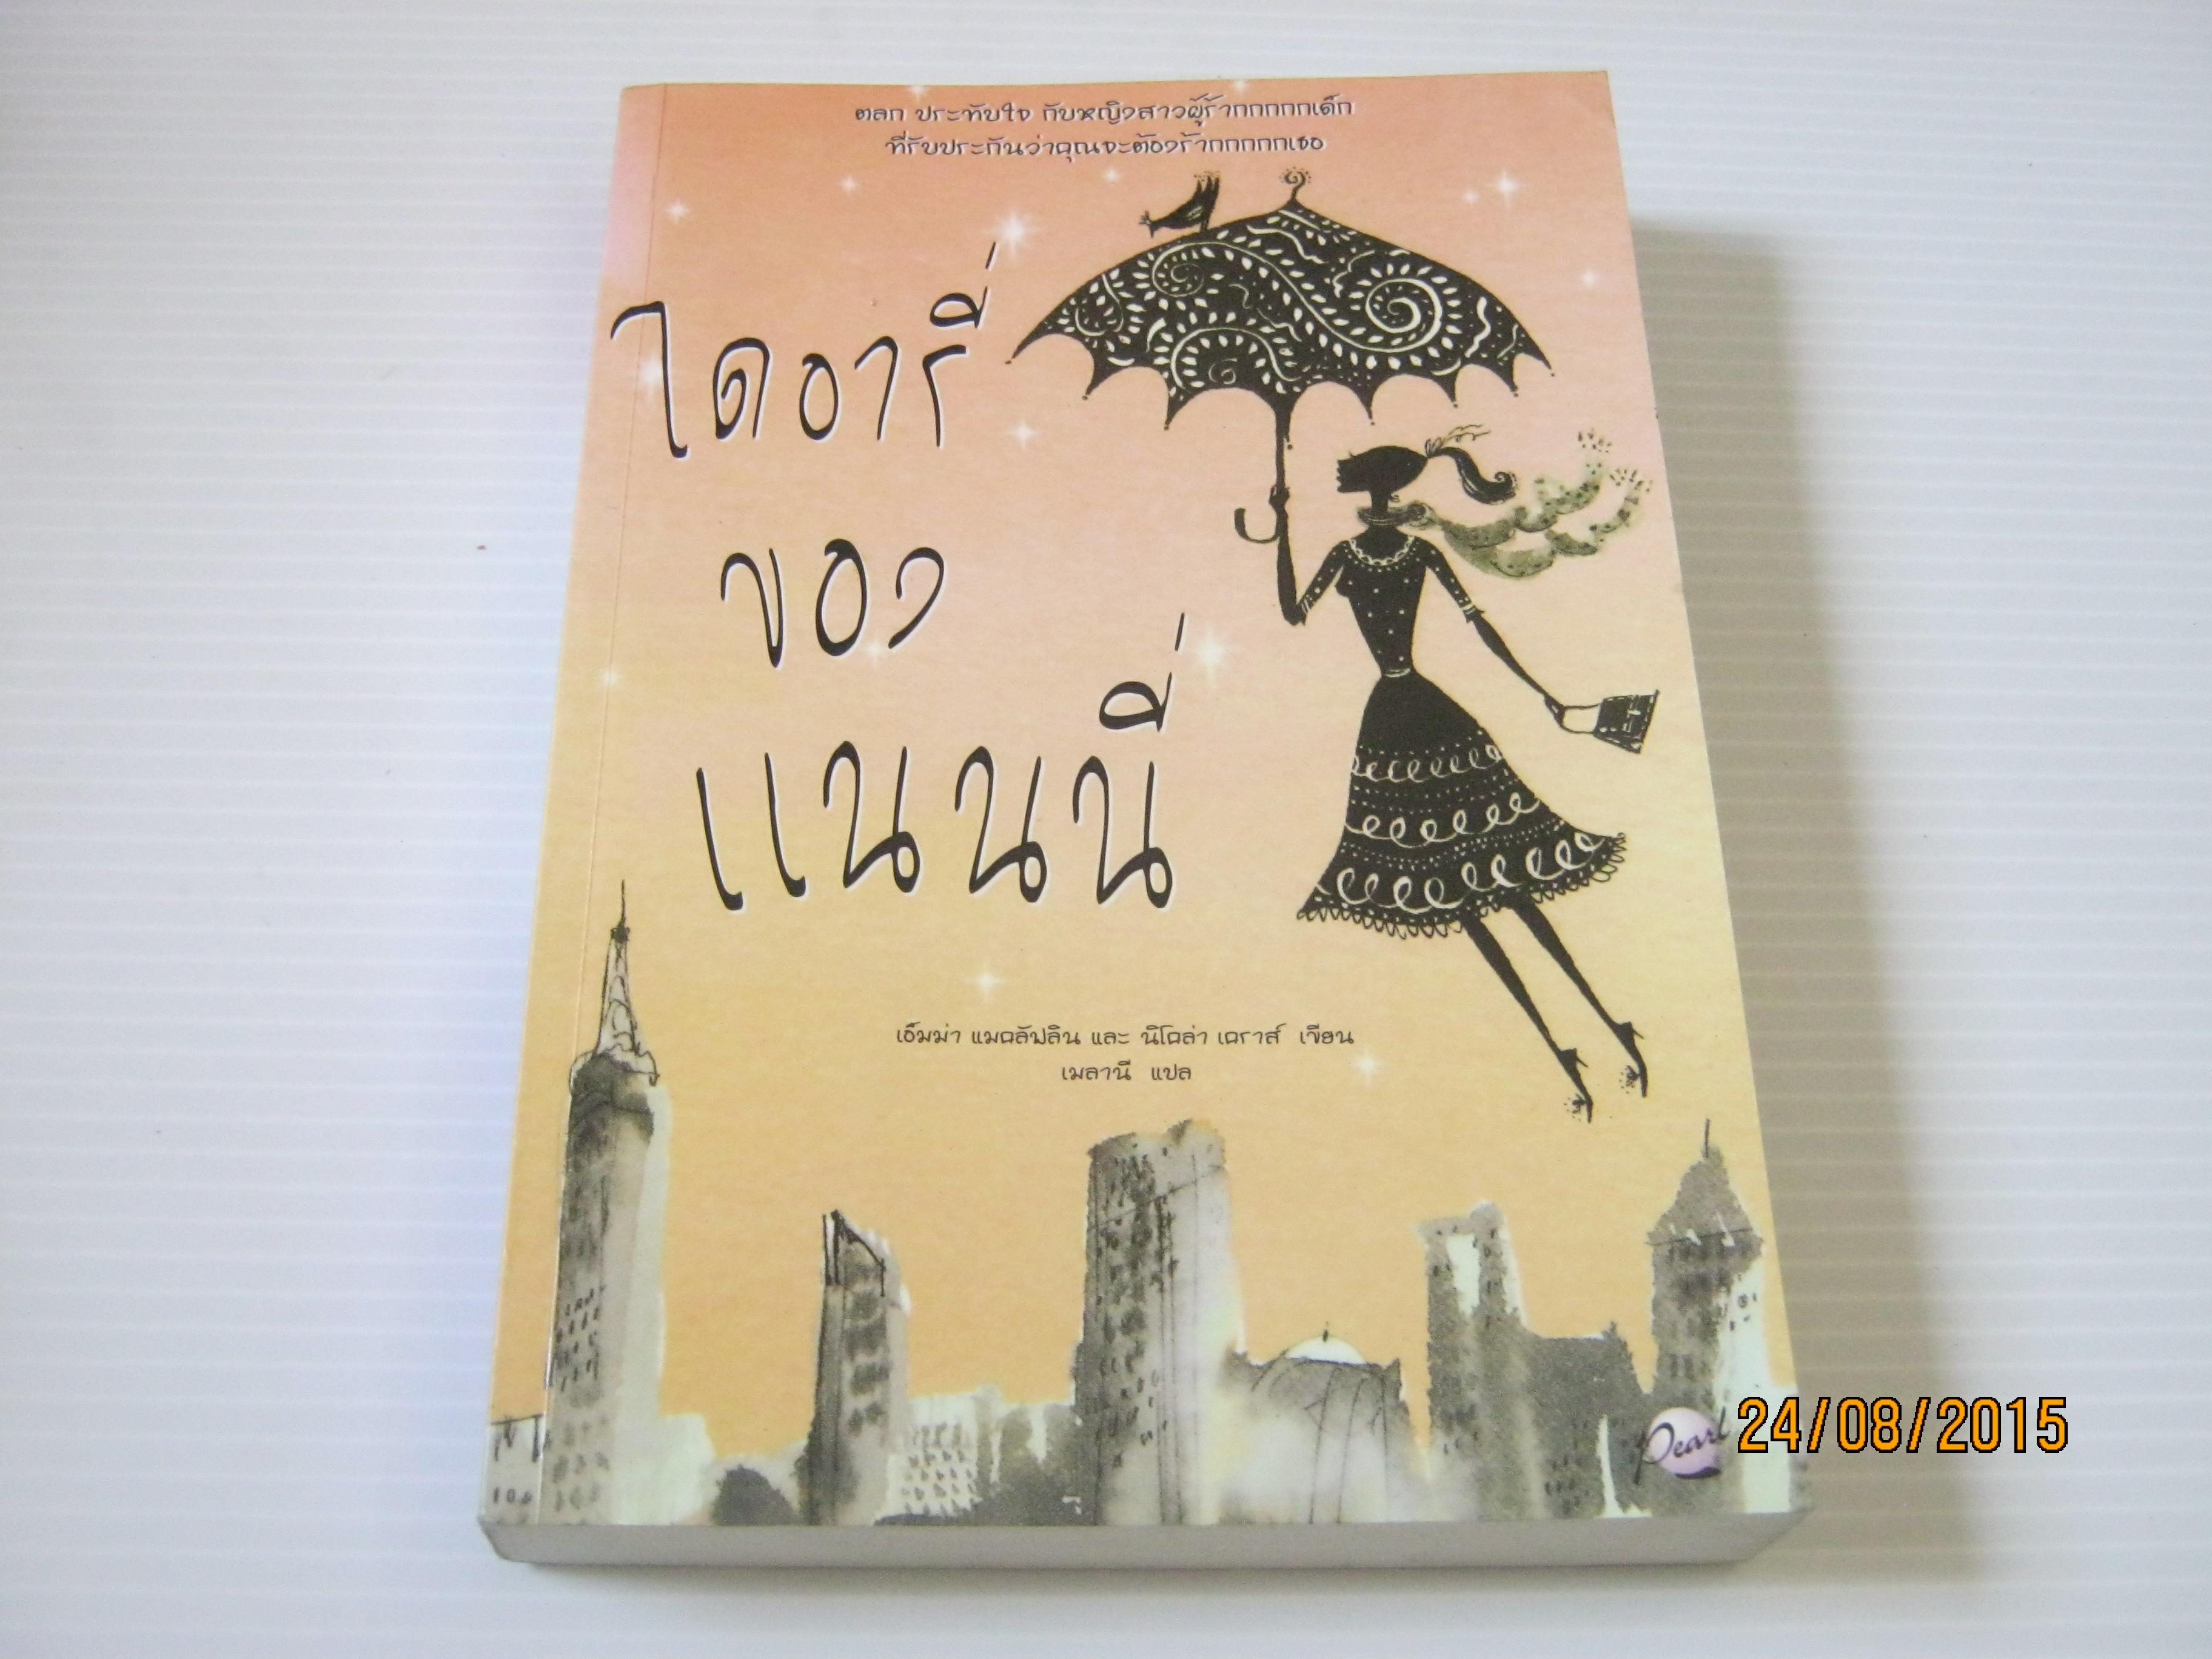 ไดอารี่ของแนนนี่ (The Nanny Diaries) เอ็มม่า แมคลัฟลิน และ นิโคล่า เคราส์ เขียน เมาลานี แปล